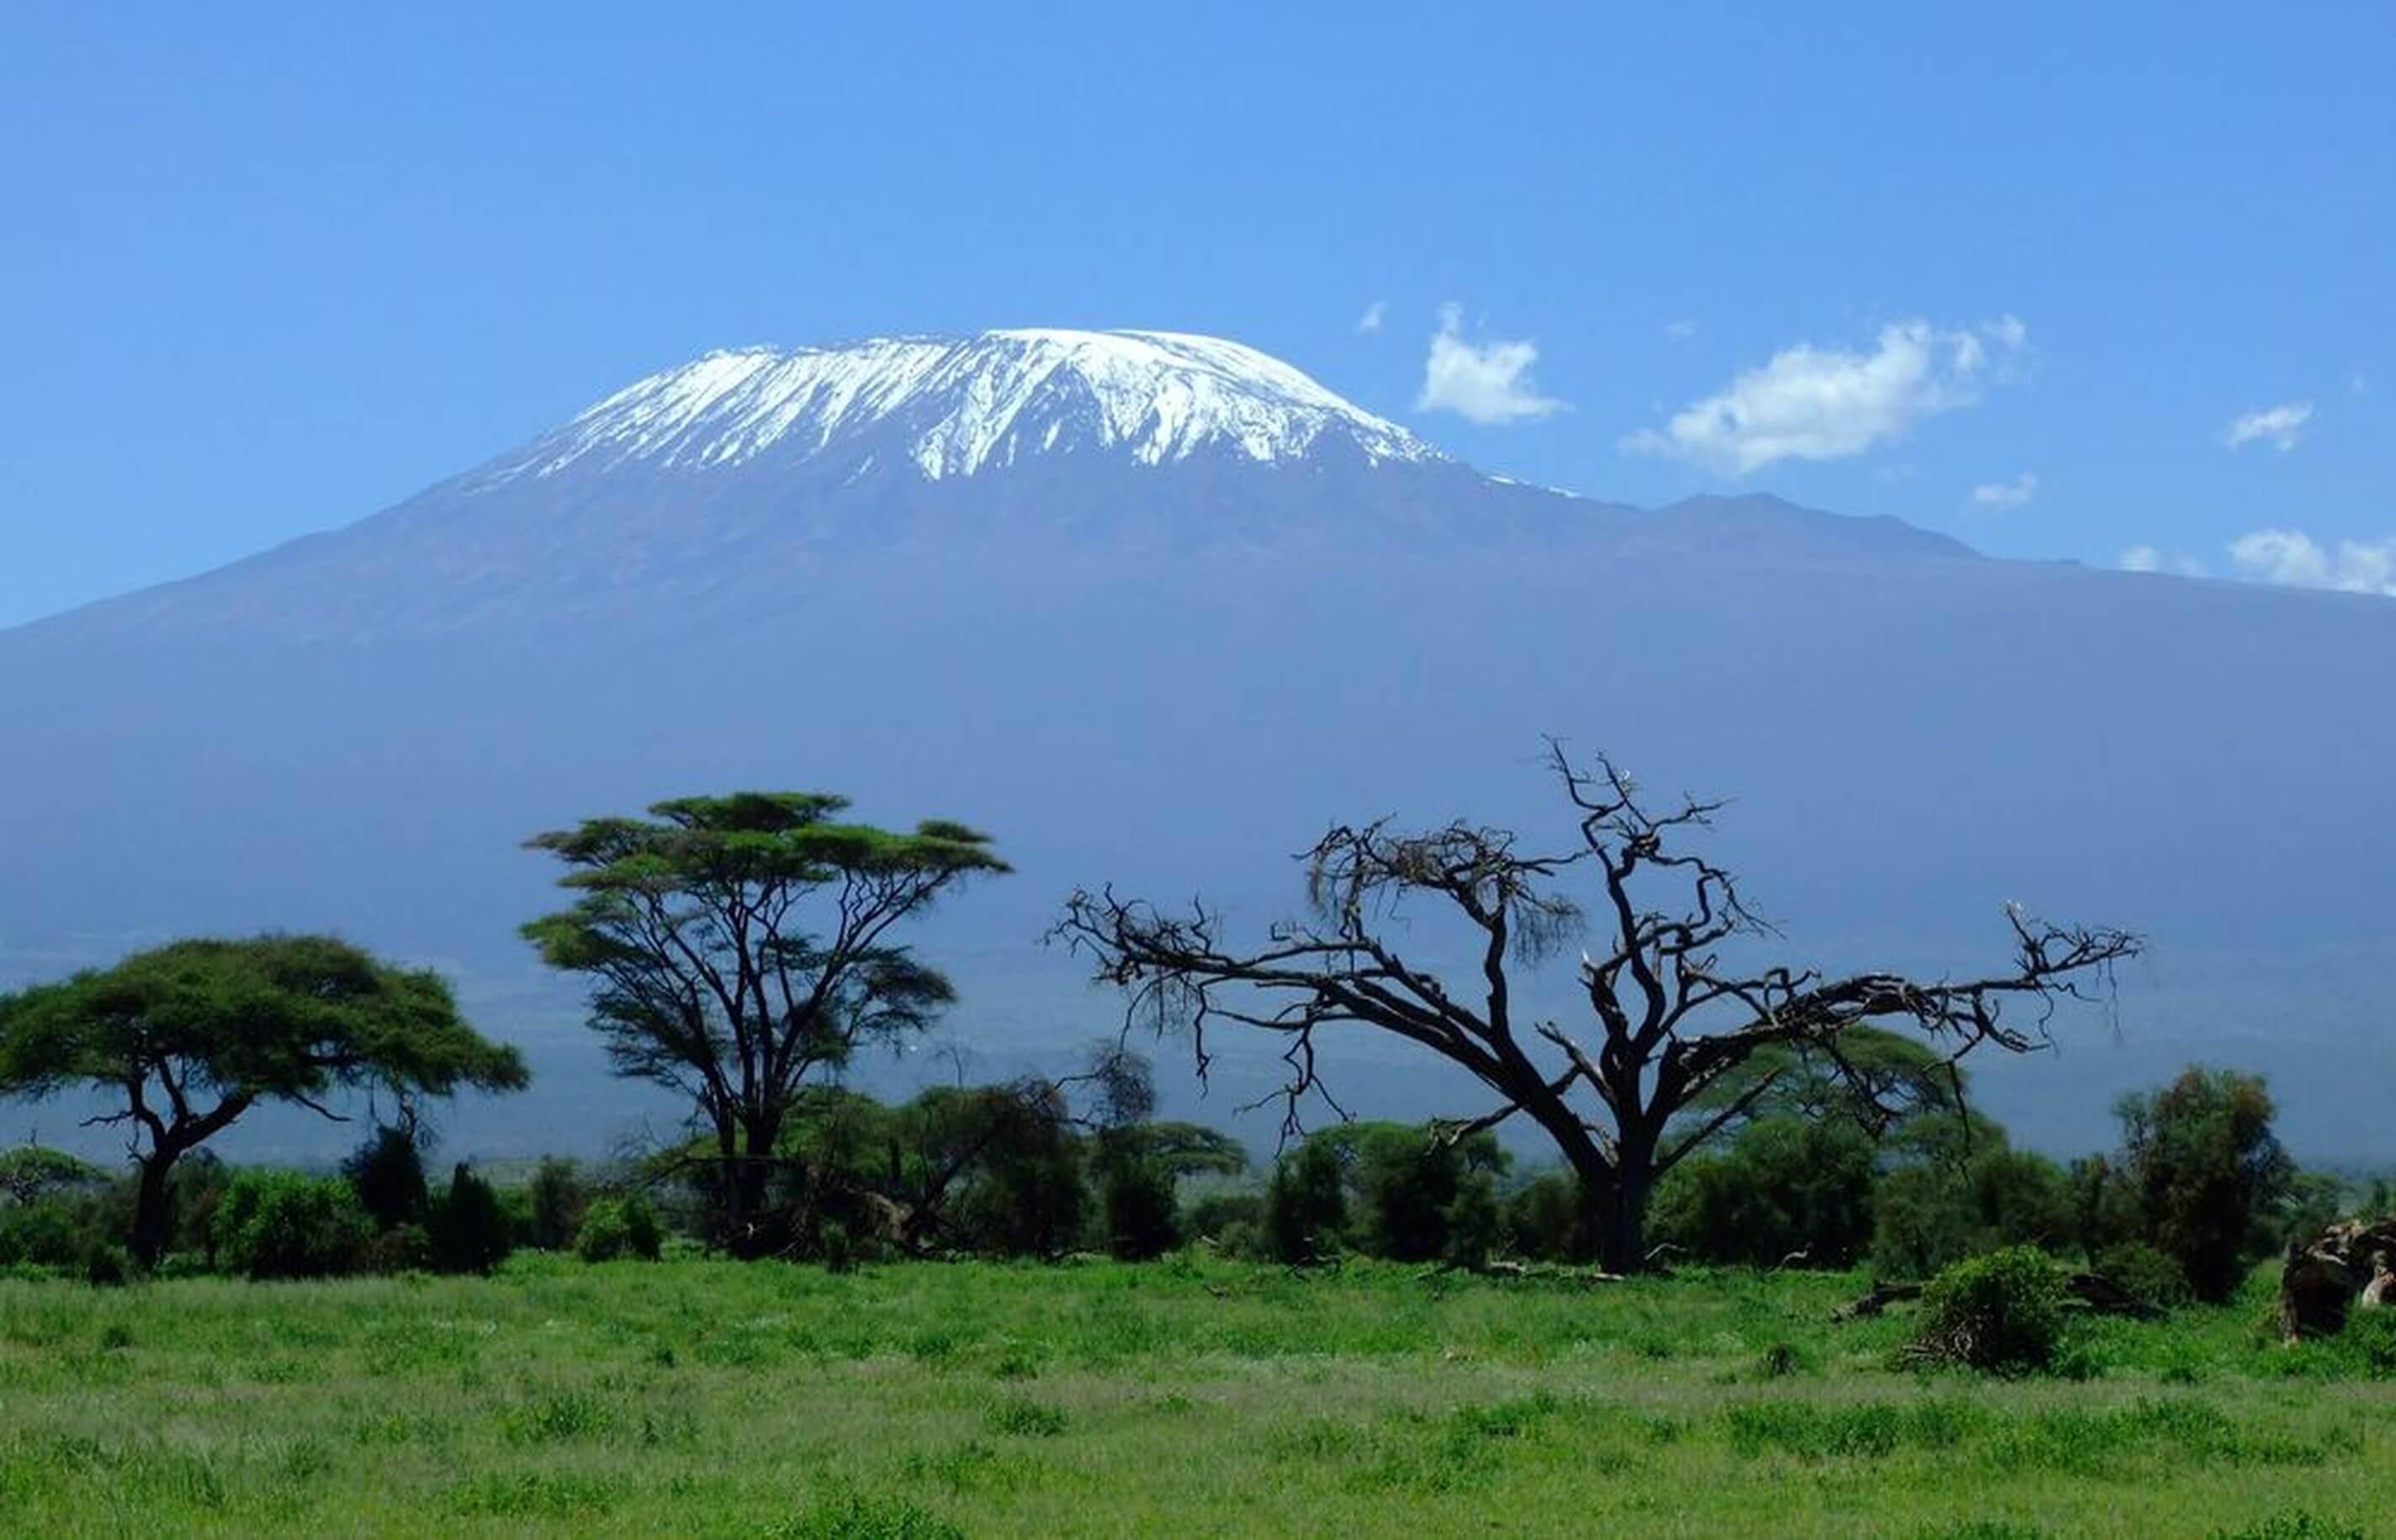 7summits4help - Slider - Kilimanjaro